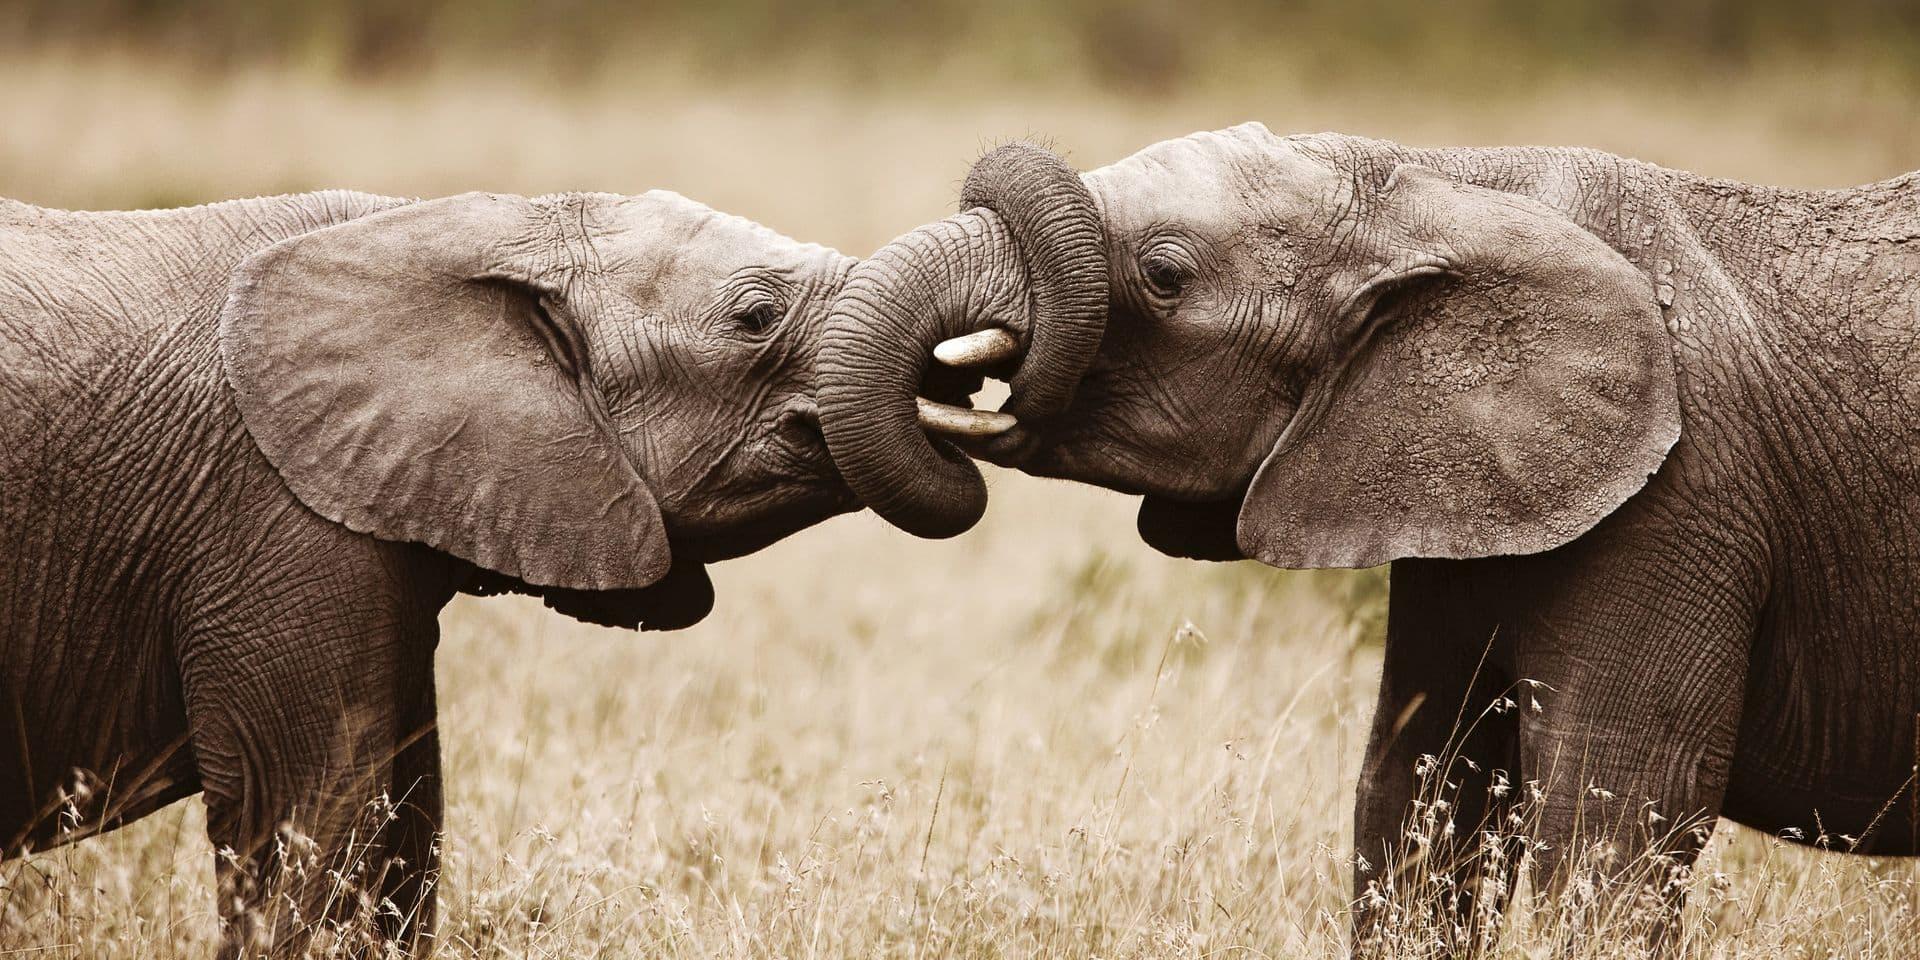 Ariane Bois et l'amour des éléphants